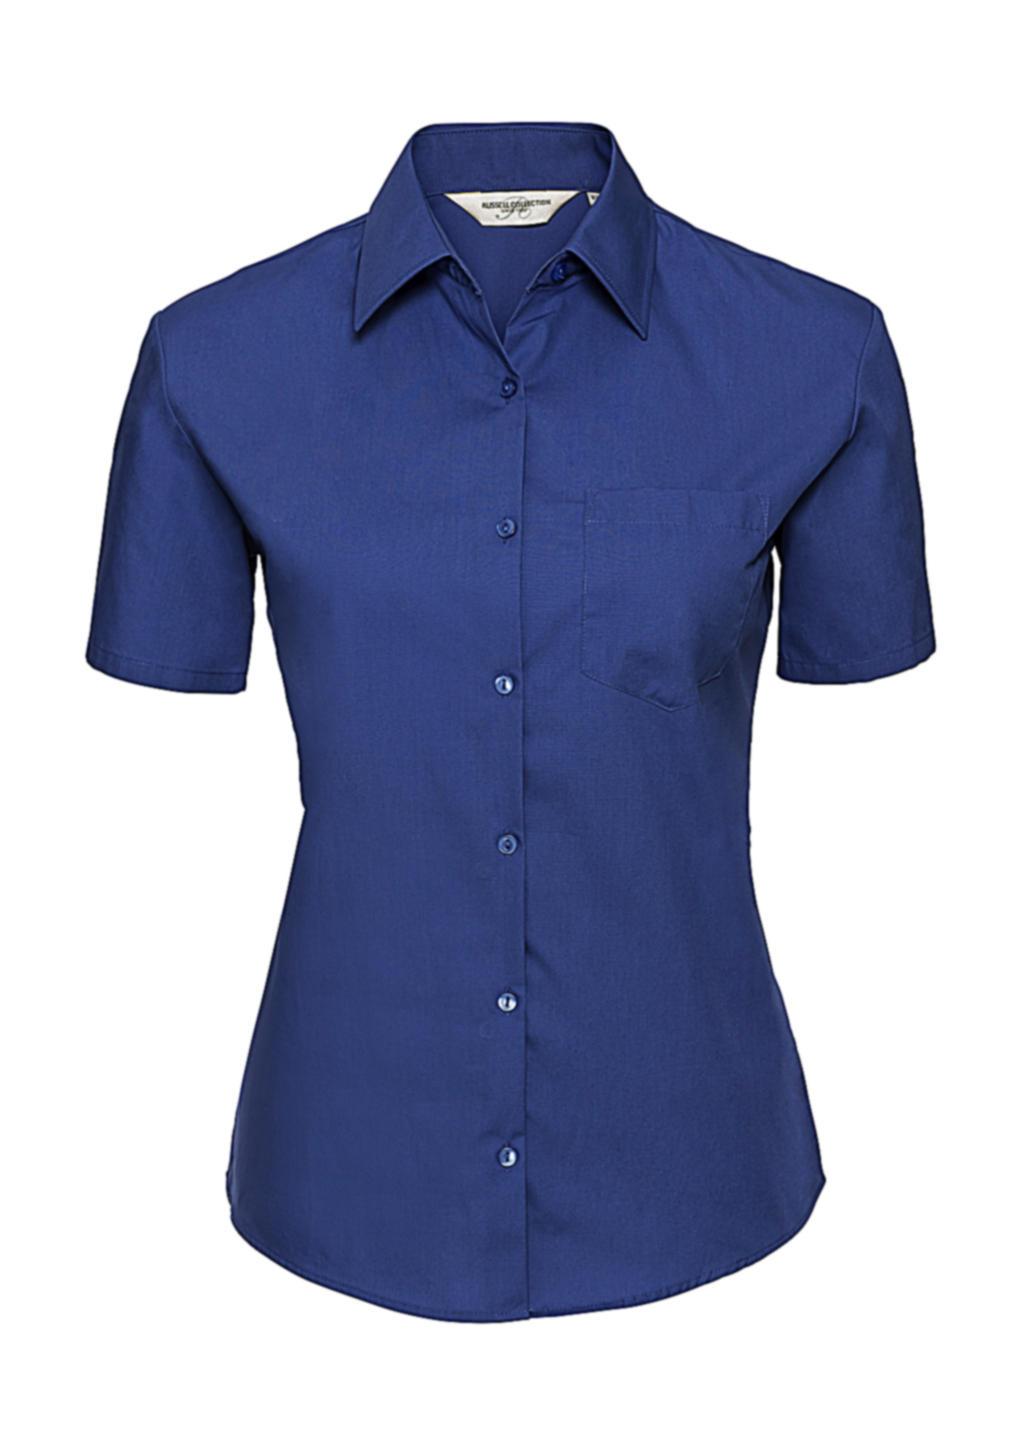 Dámská popelínová košile - zvìtšit obrázek